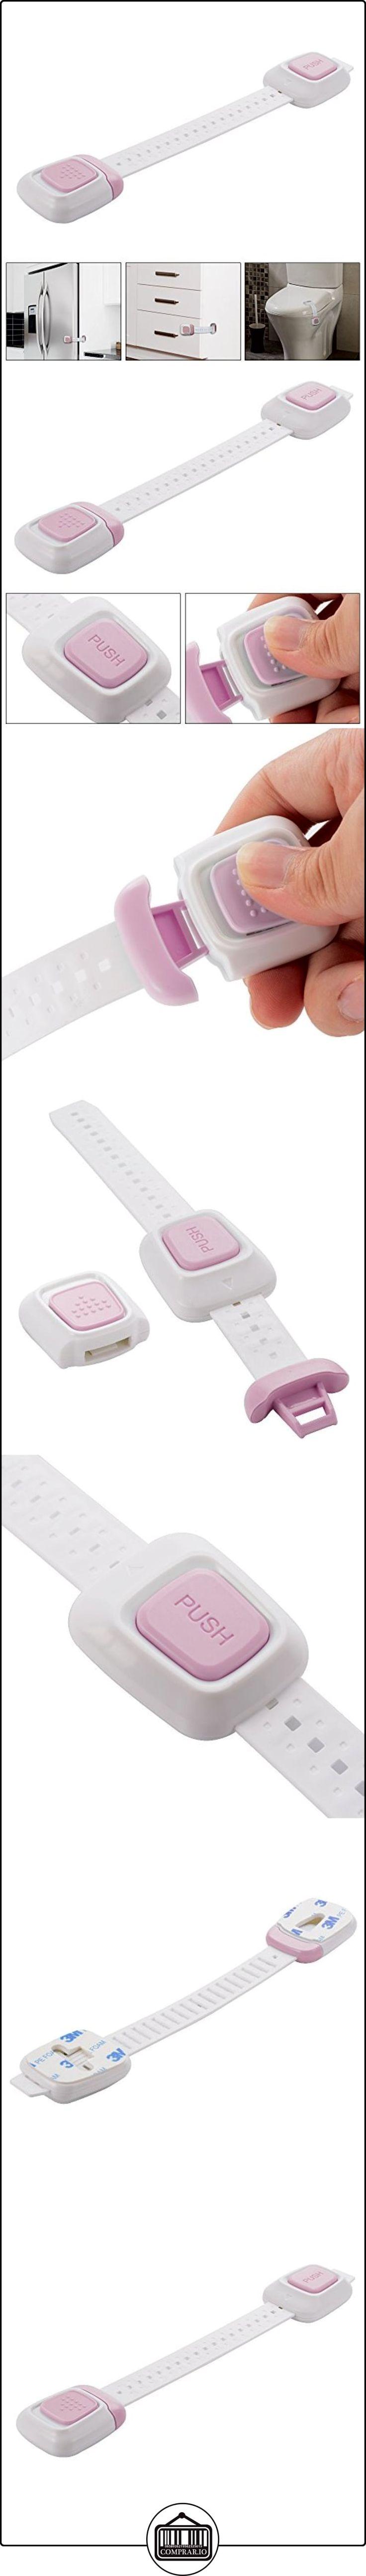 XCSOURCE® 5 Piezas Bloqueo de Seguridad con pulsador Doble lado etiqueta Adhesiva para Bebé y Niños, Cierre Magnético de Seguridad para armarios, cajones, puertas, electrodomésticos, refrigeradores, baños, botes de basura ( Rosa+SGSJC332201) HS647  ✿ Seguridad para tu bebé - (Protege a tus hijos) ✿ ▬► Ver oferta: http://comprar.io/goto/B01L8NE8MI